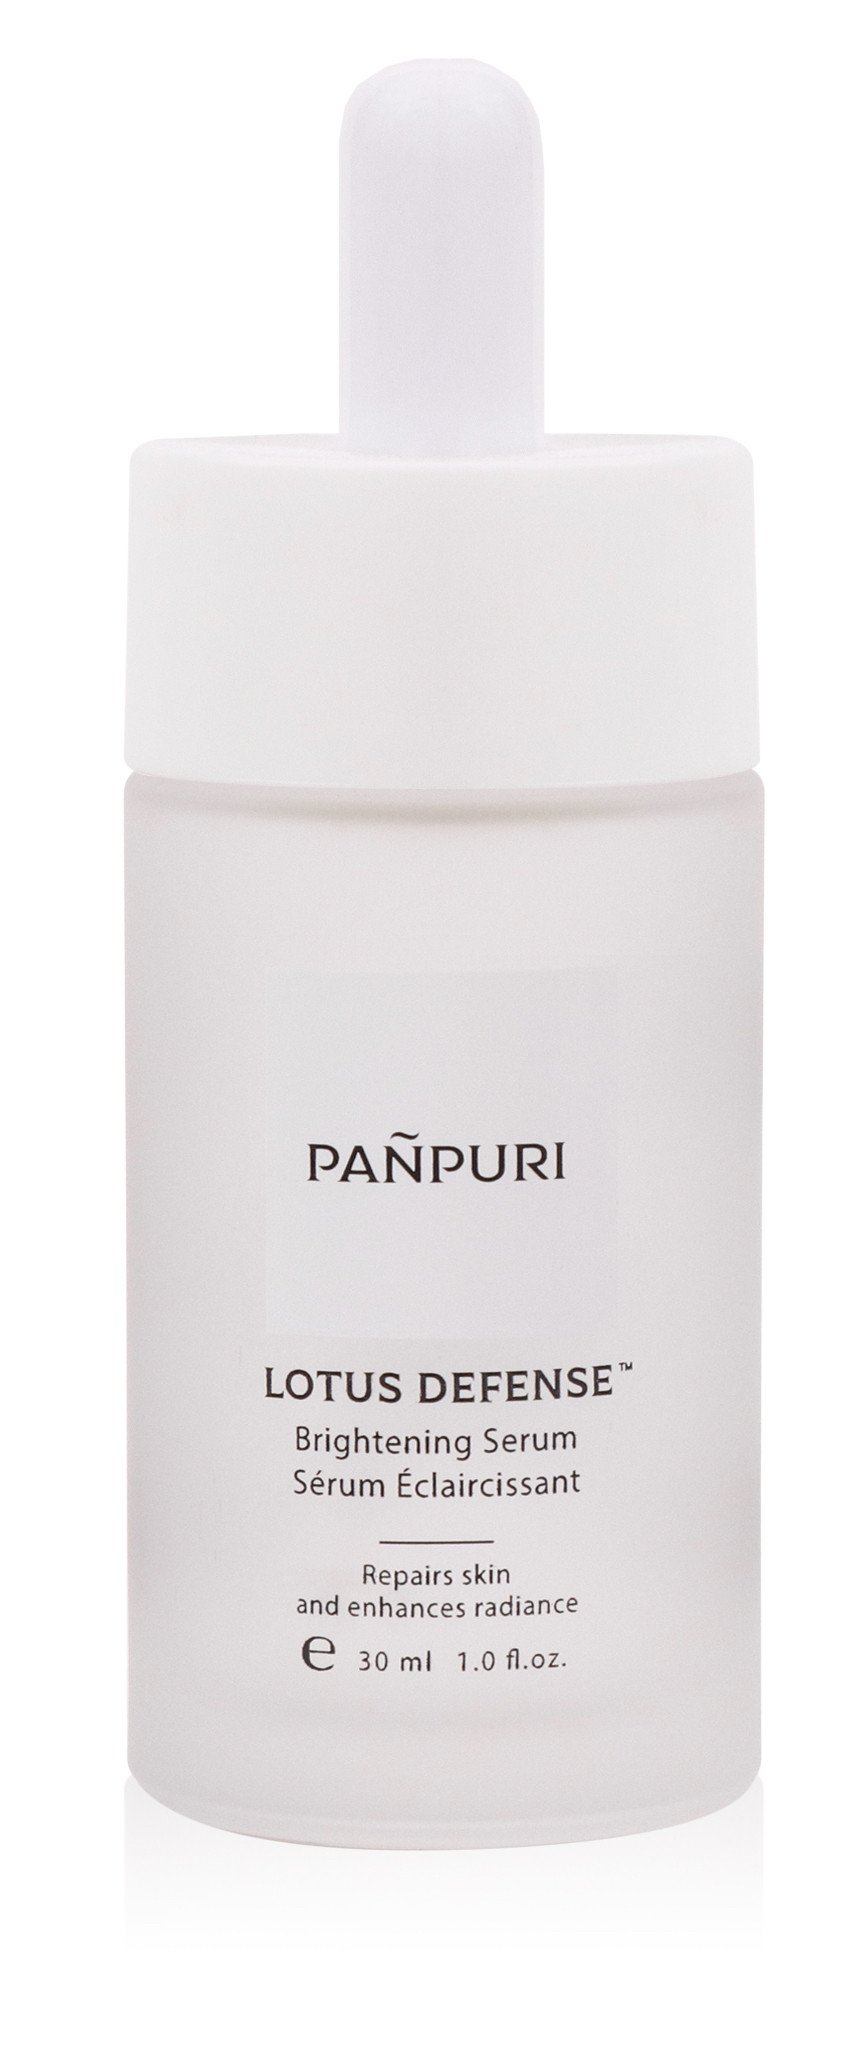 Serum Iluminador Lotus Defense de Pañpuri, ganador de premios de belleza